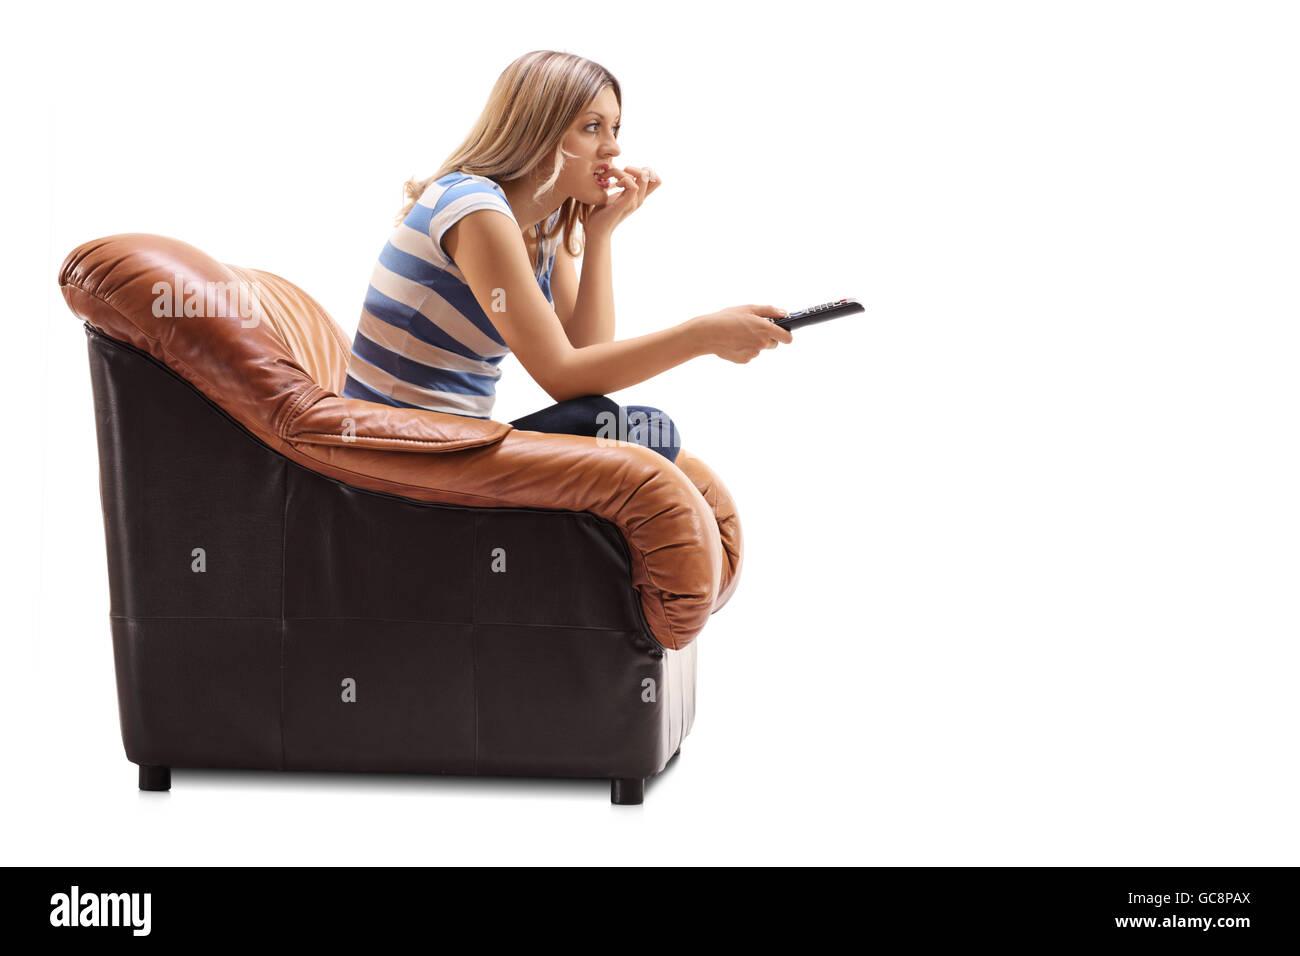 Jeune femme regardant la TV et de mordre ses ongles assis sur un fauteuil isolé sur fond blanc Photo Stock